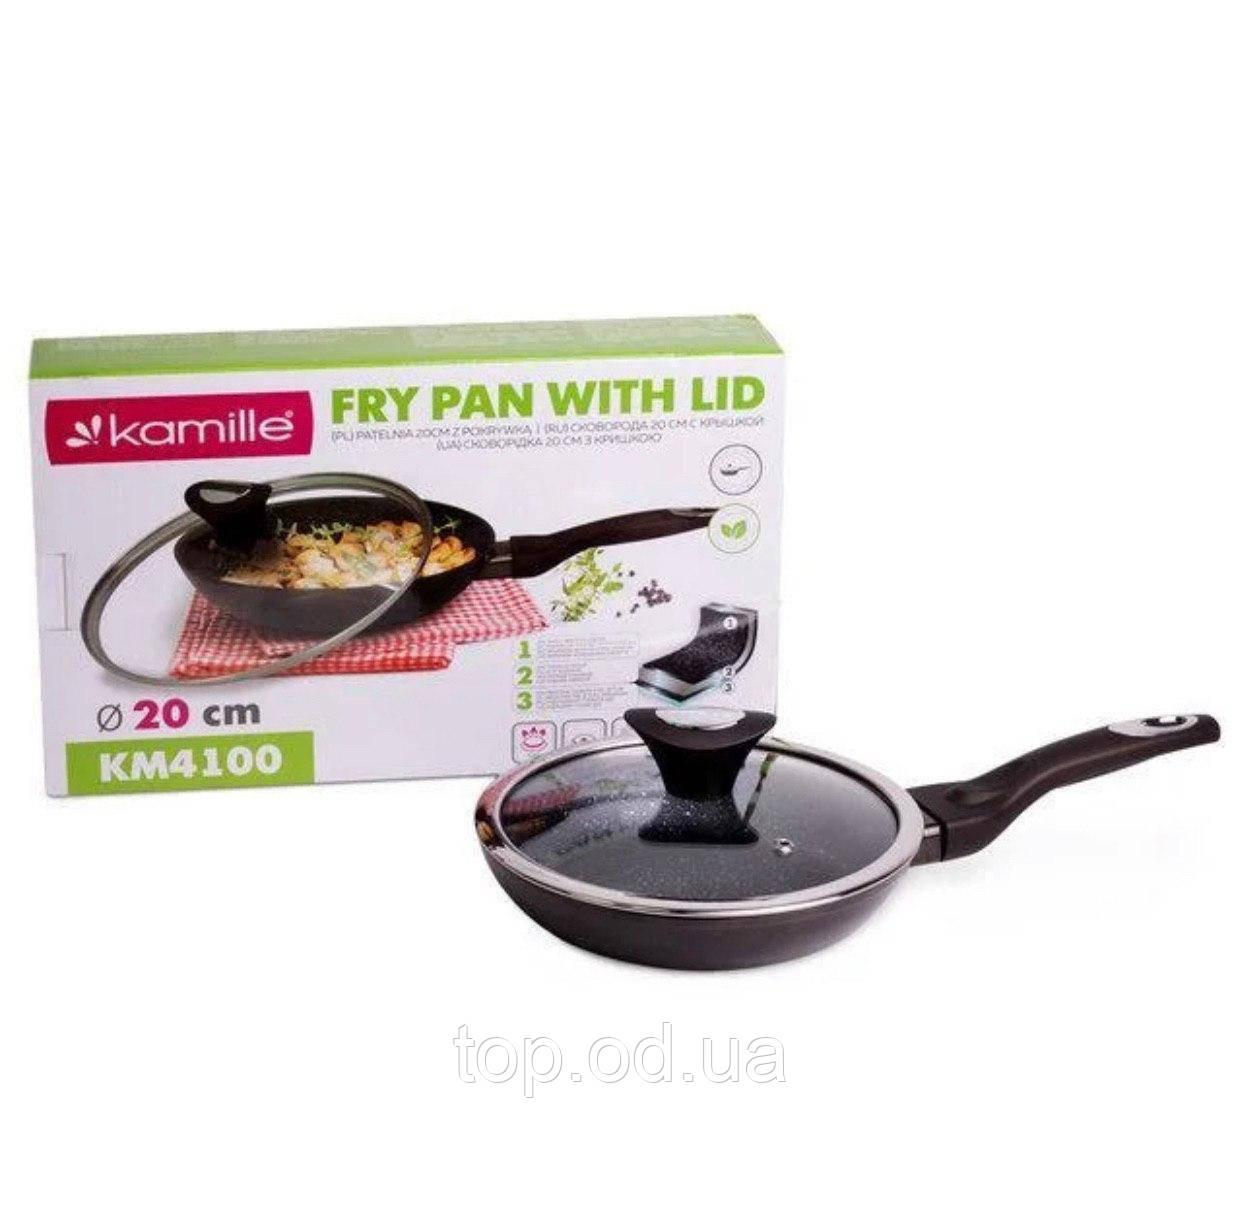 Сковорода универсальная с мраморным покрытием 20 см Kamille KM-410